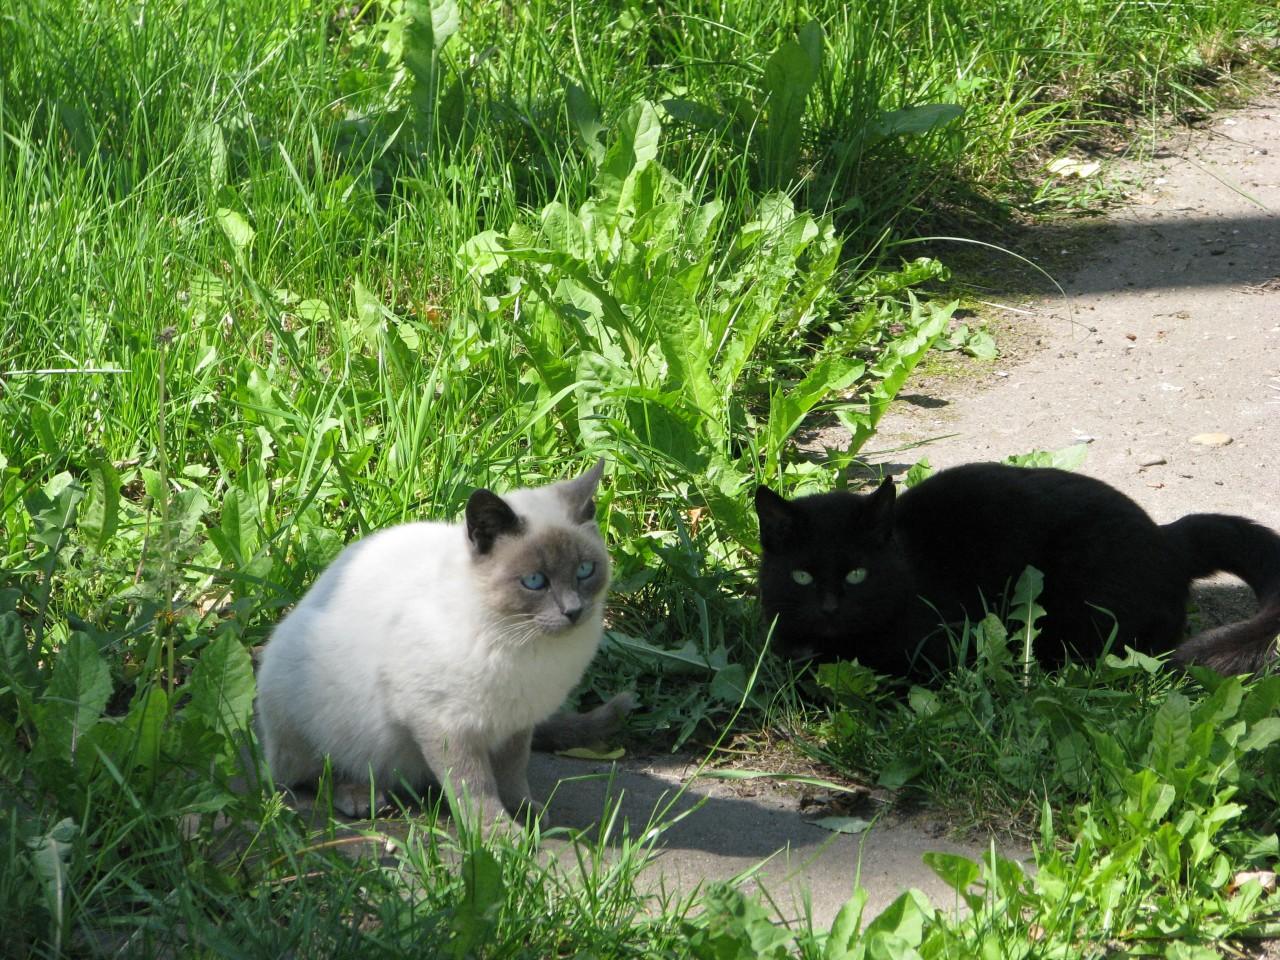 Братья наши меньше: так умеют ли кошки дружить?